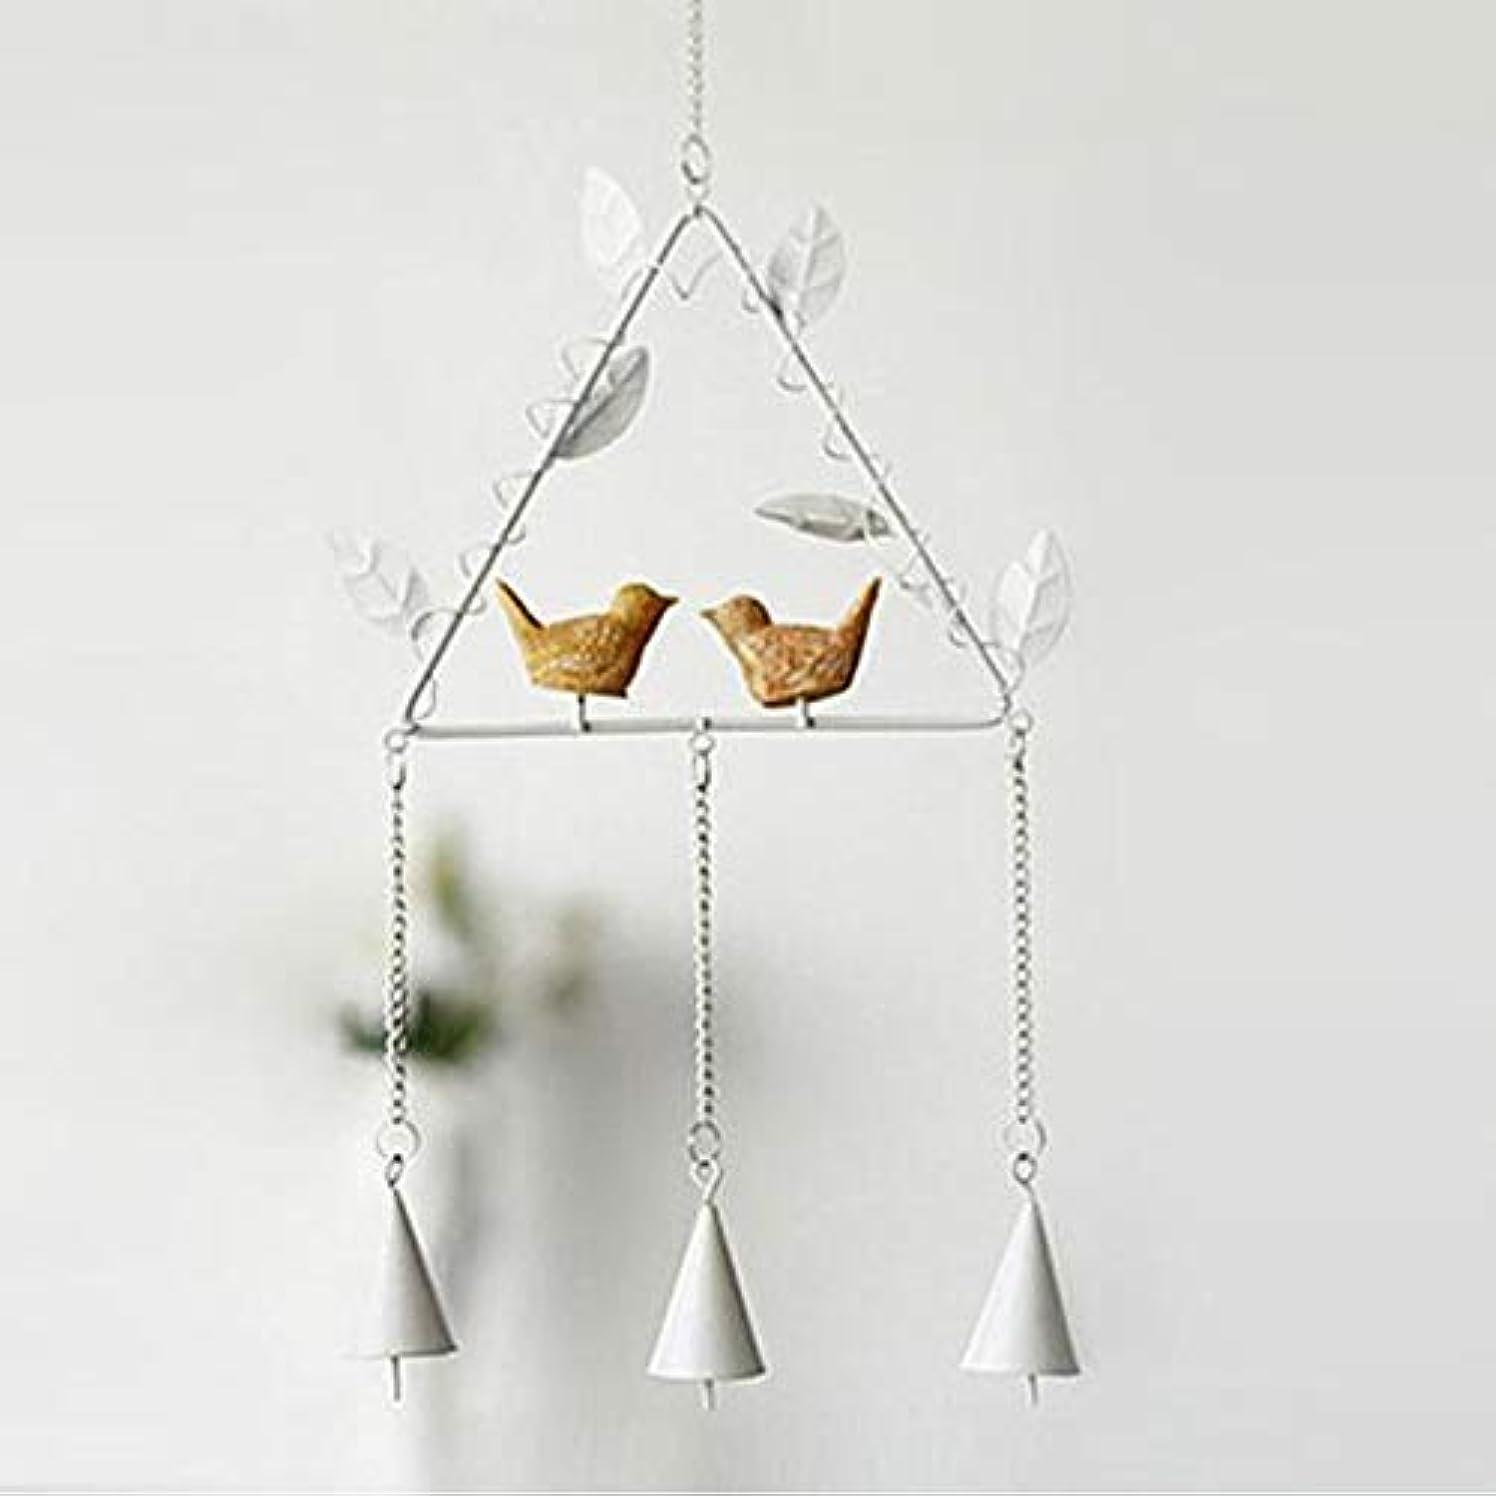 ゲインセイ崇拝する従うQiyuezhuangshi 風チャイム、アイアンクリエイティブ手作りの鳥風チャイム、グレー、全身について56センチ,美しいホリデーギフト (Color : Triangle White)